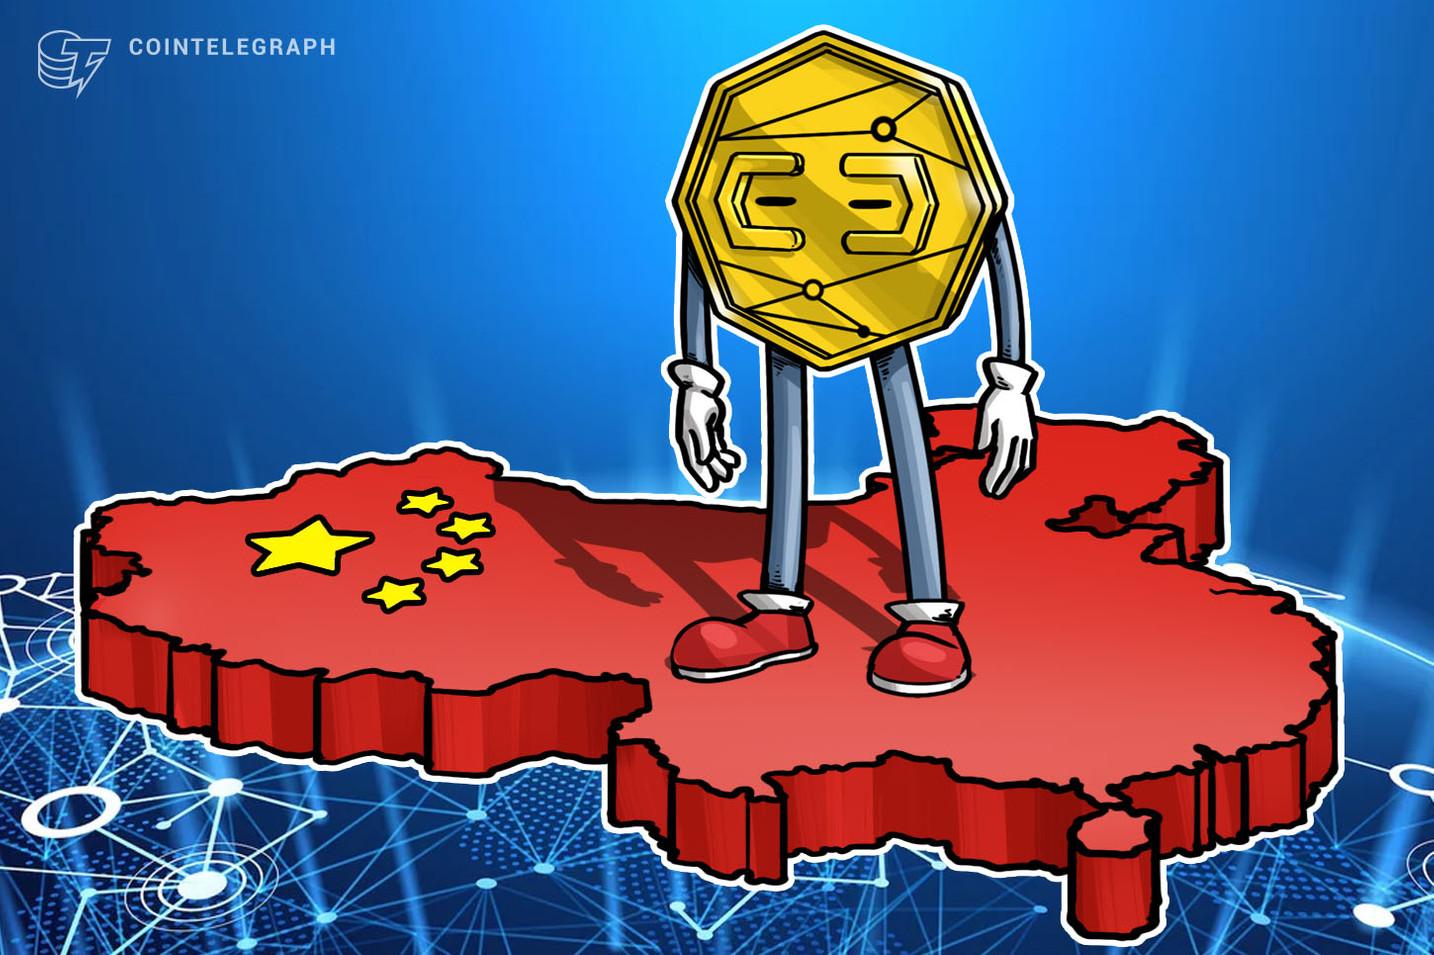 Lançadas avaliações de criptomoedas do Ministério de TI chinês: Ethereum é o 1º e Bitcoin o 13º de 28